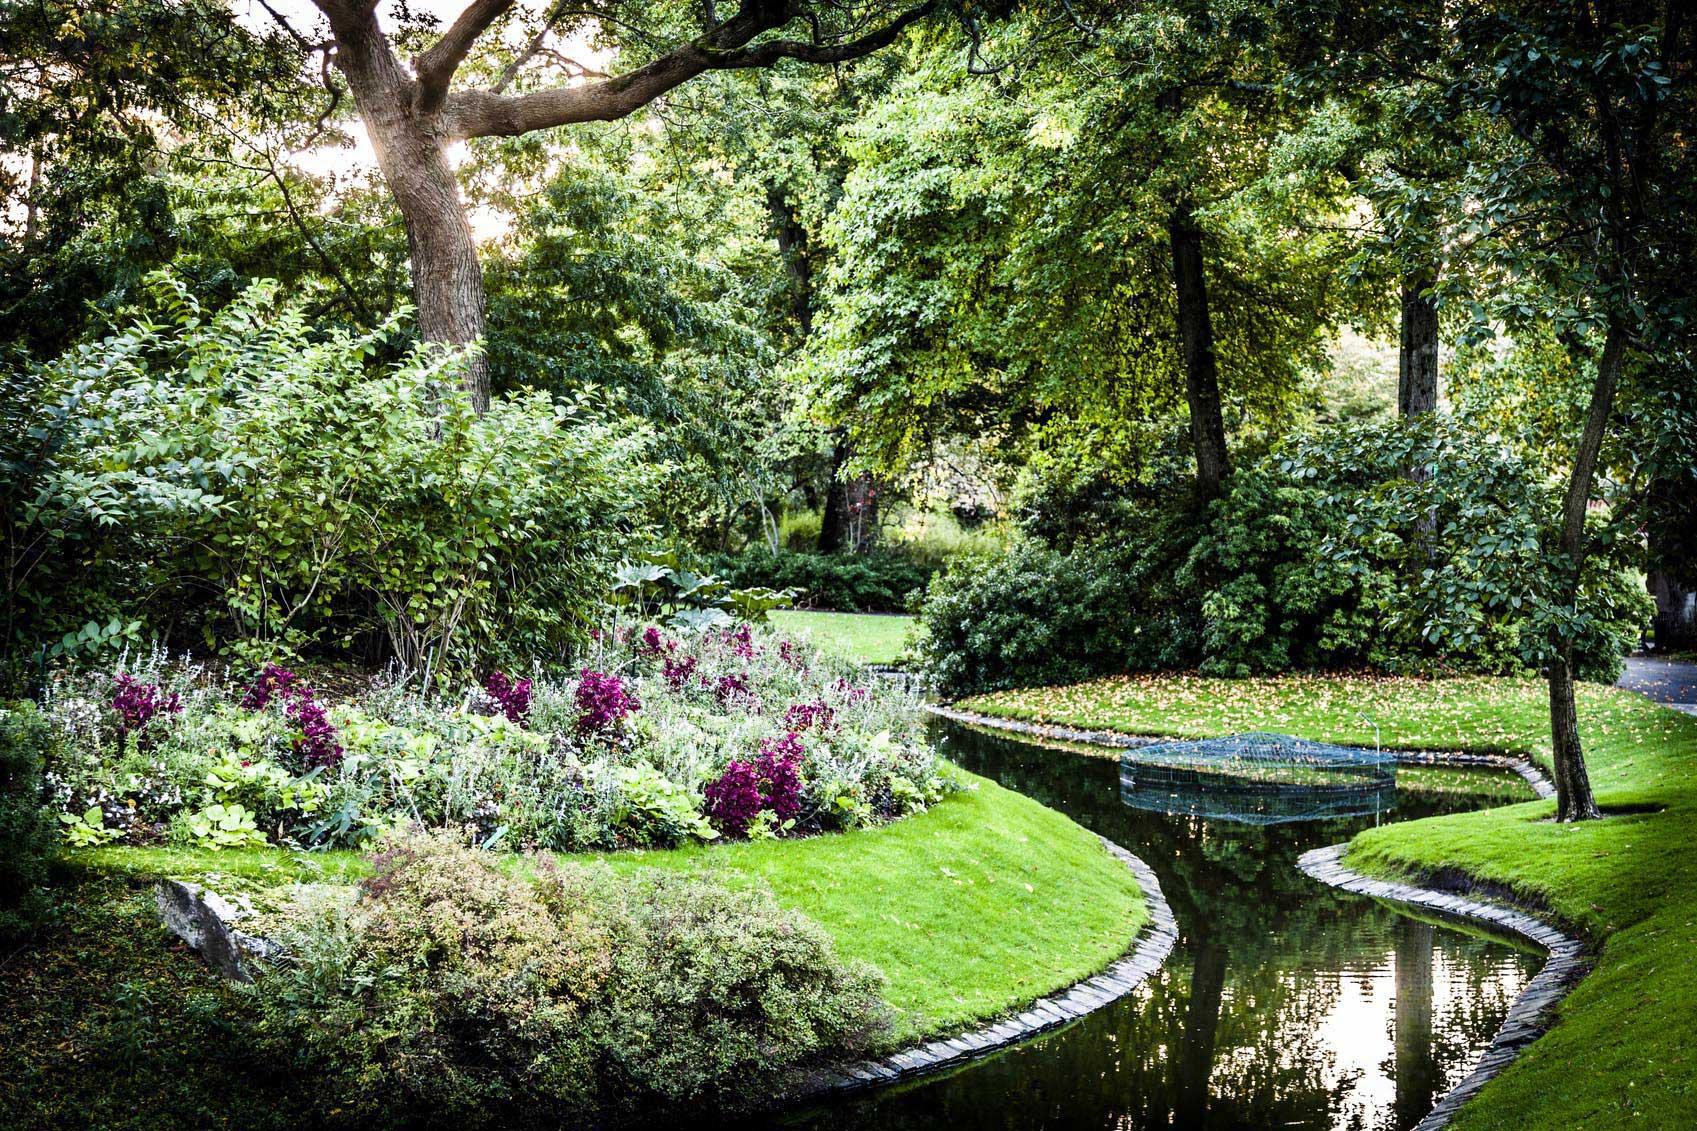 La verdure du parc de Procé et ses ruisseaux